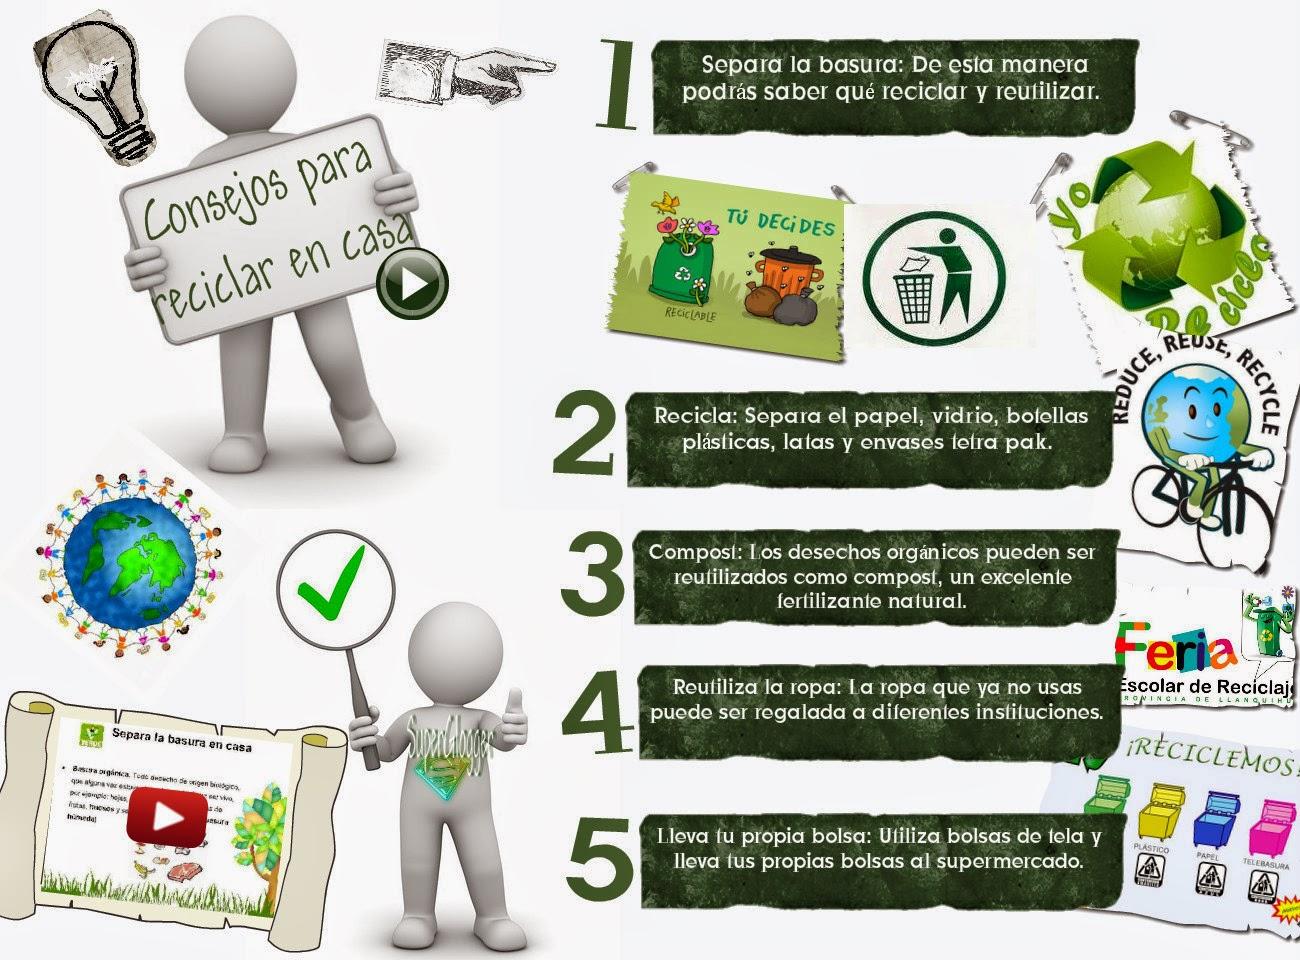 Reciclaje como reciclar - Consejos de reciclaje ...